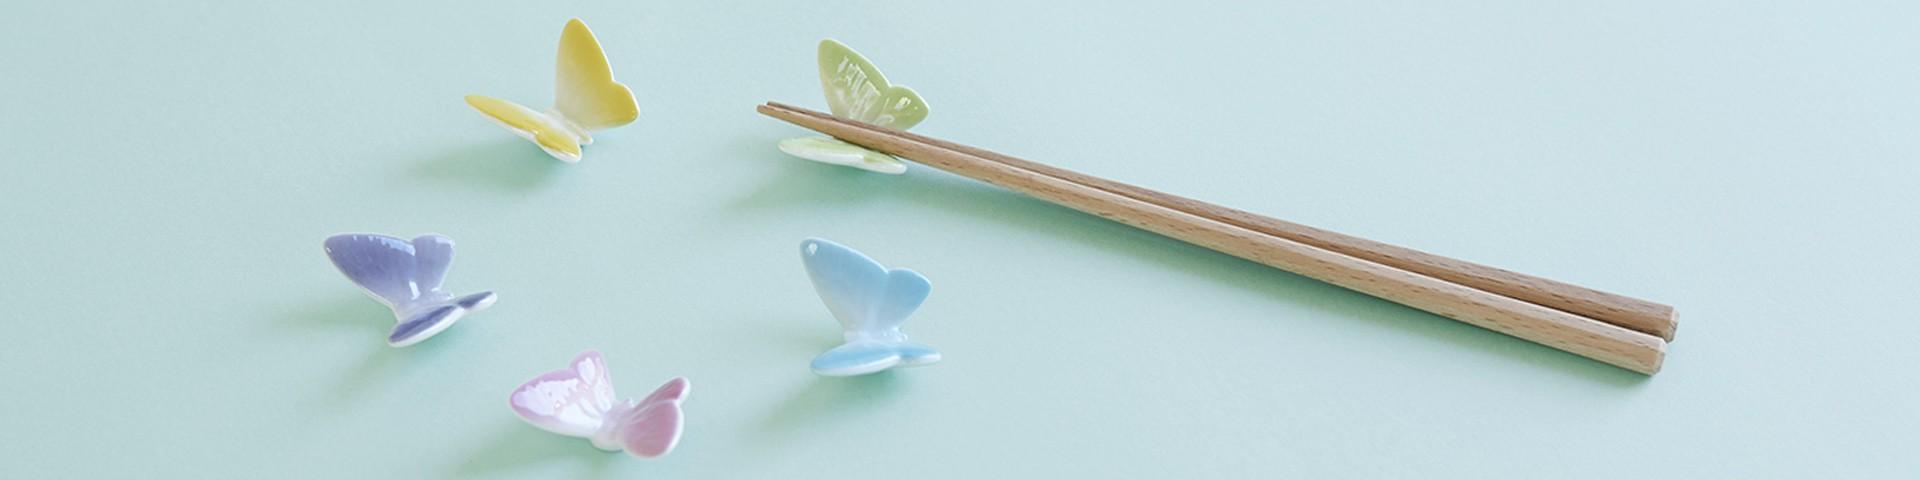 日本の雑貨 | お箸 | 箸置き